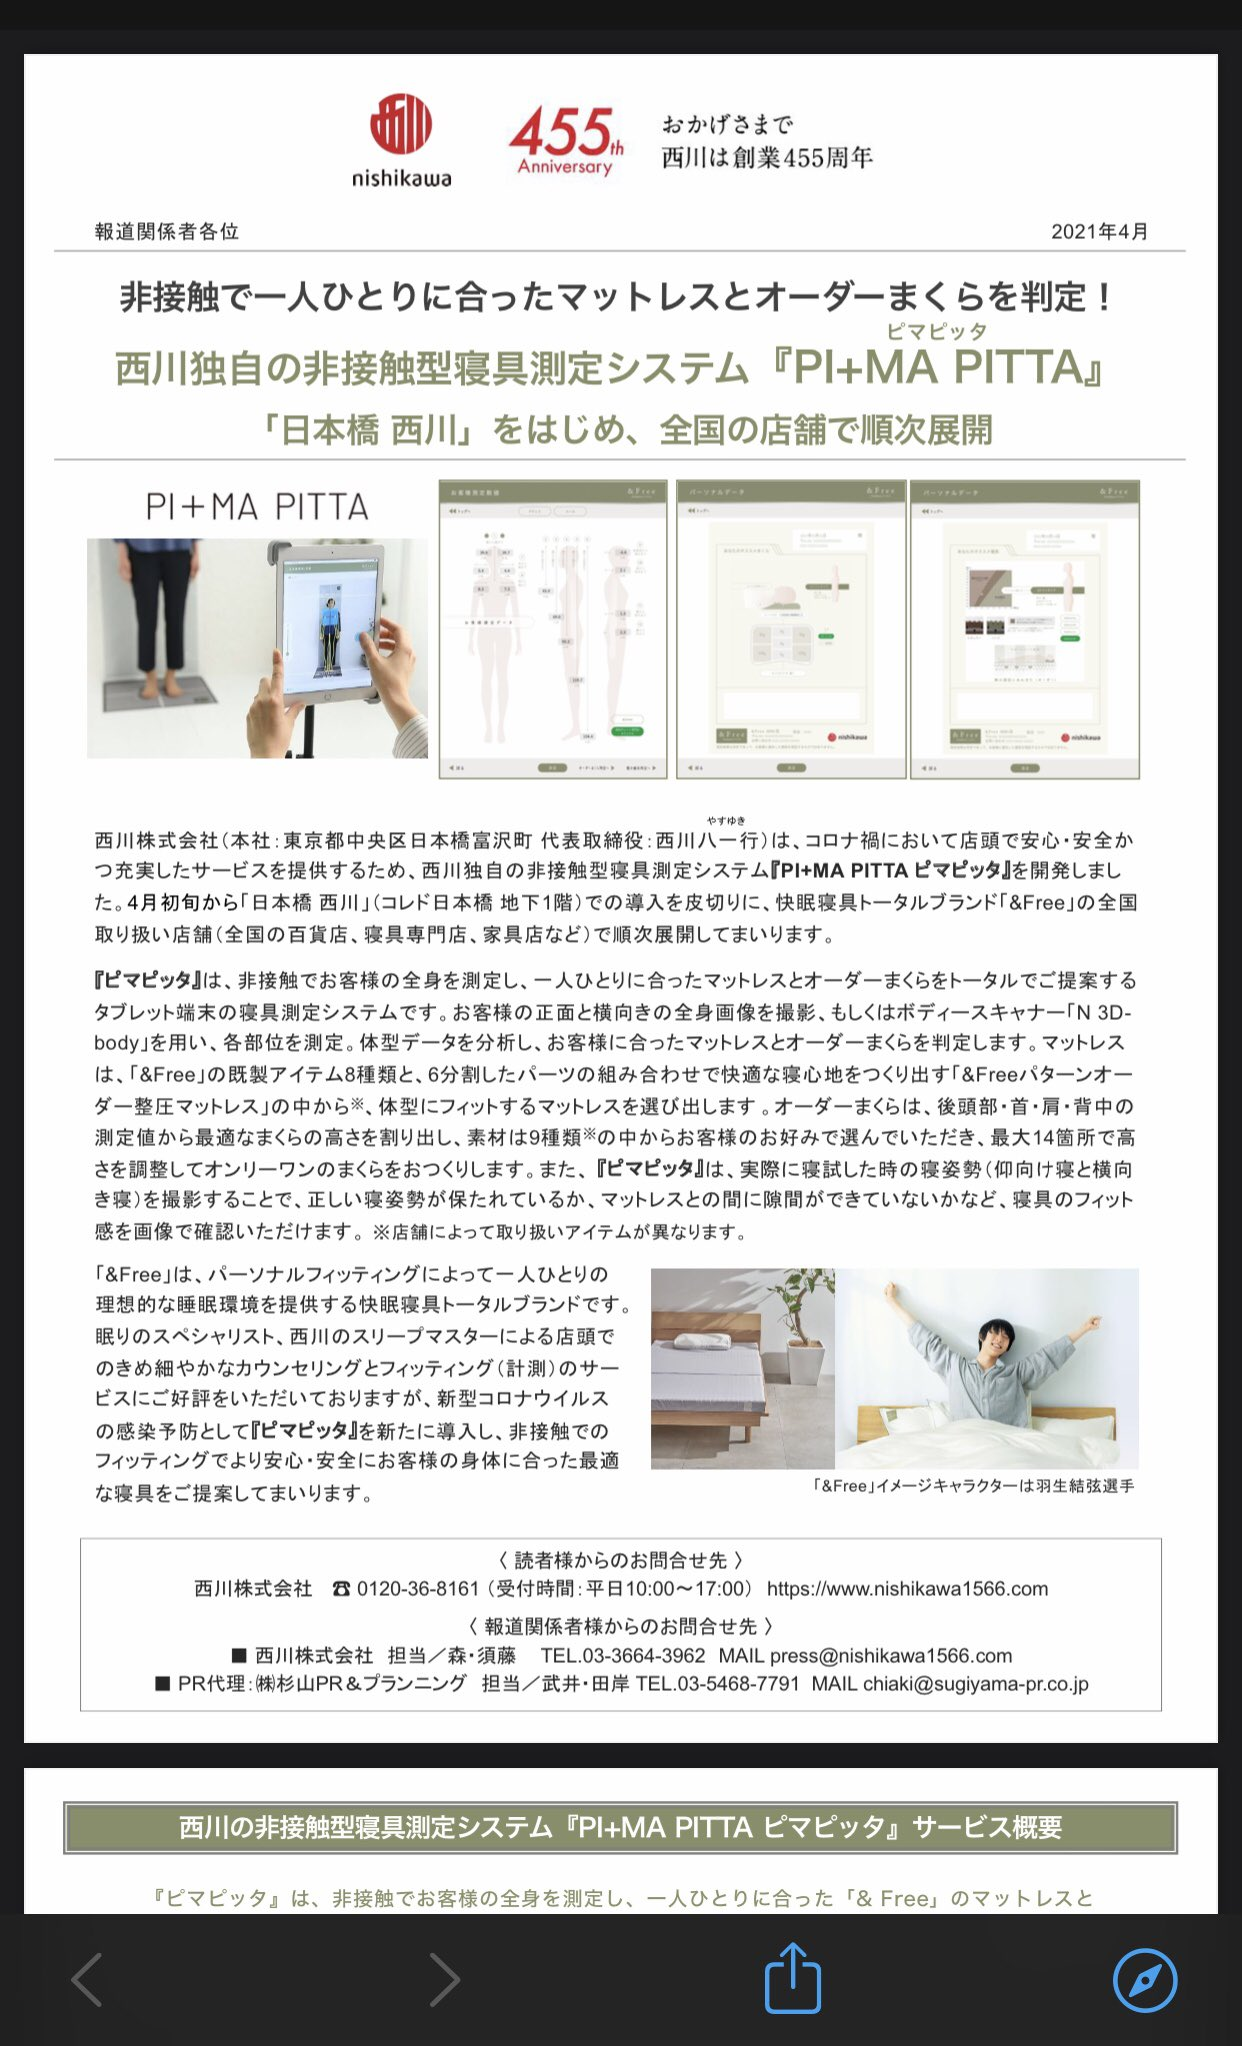 YuzuNews2021 dal 1 al 10 aprile